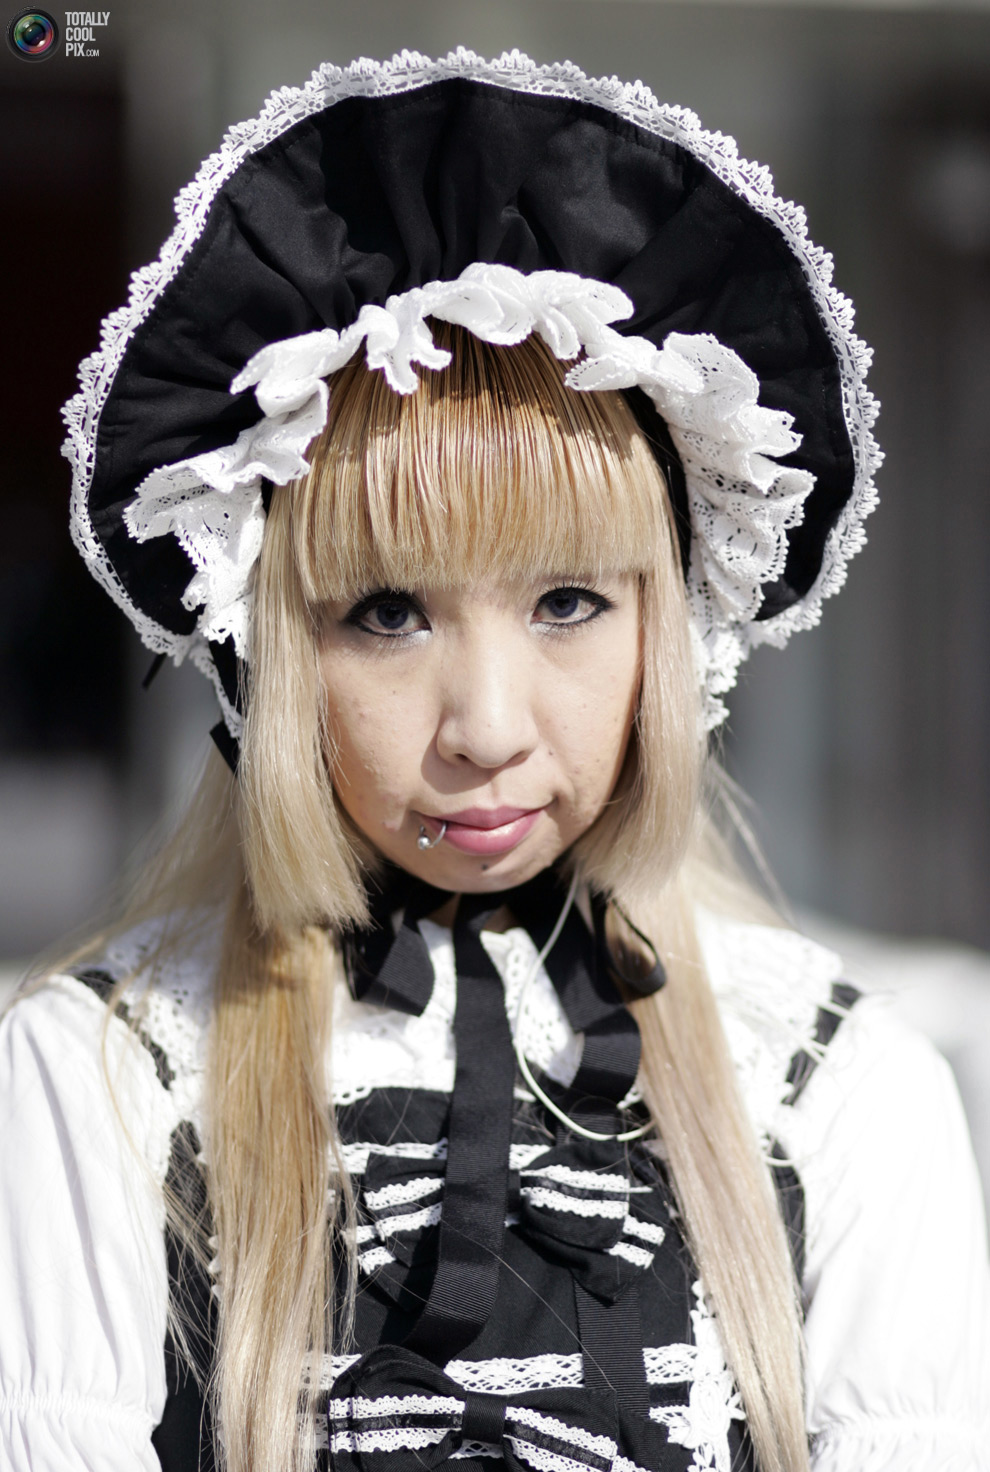 """Мода в стиле  """"Лолита """" - японская субкультура, основанная на стиле времён..."""